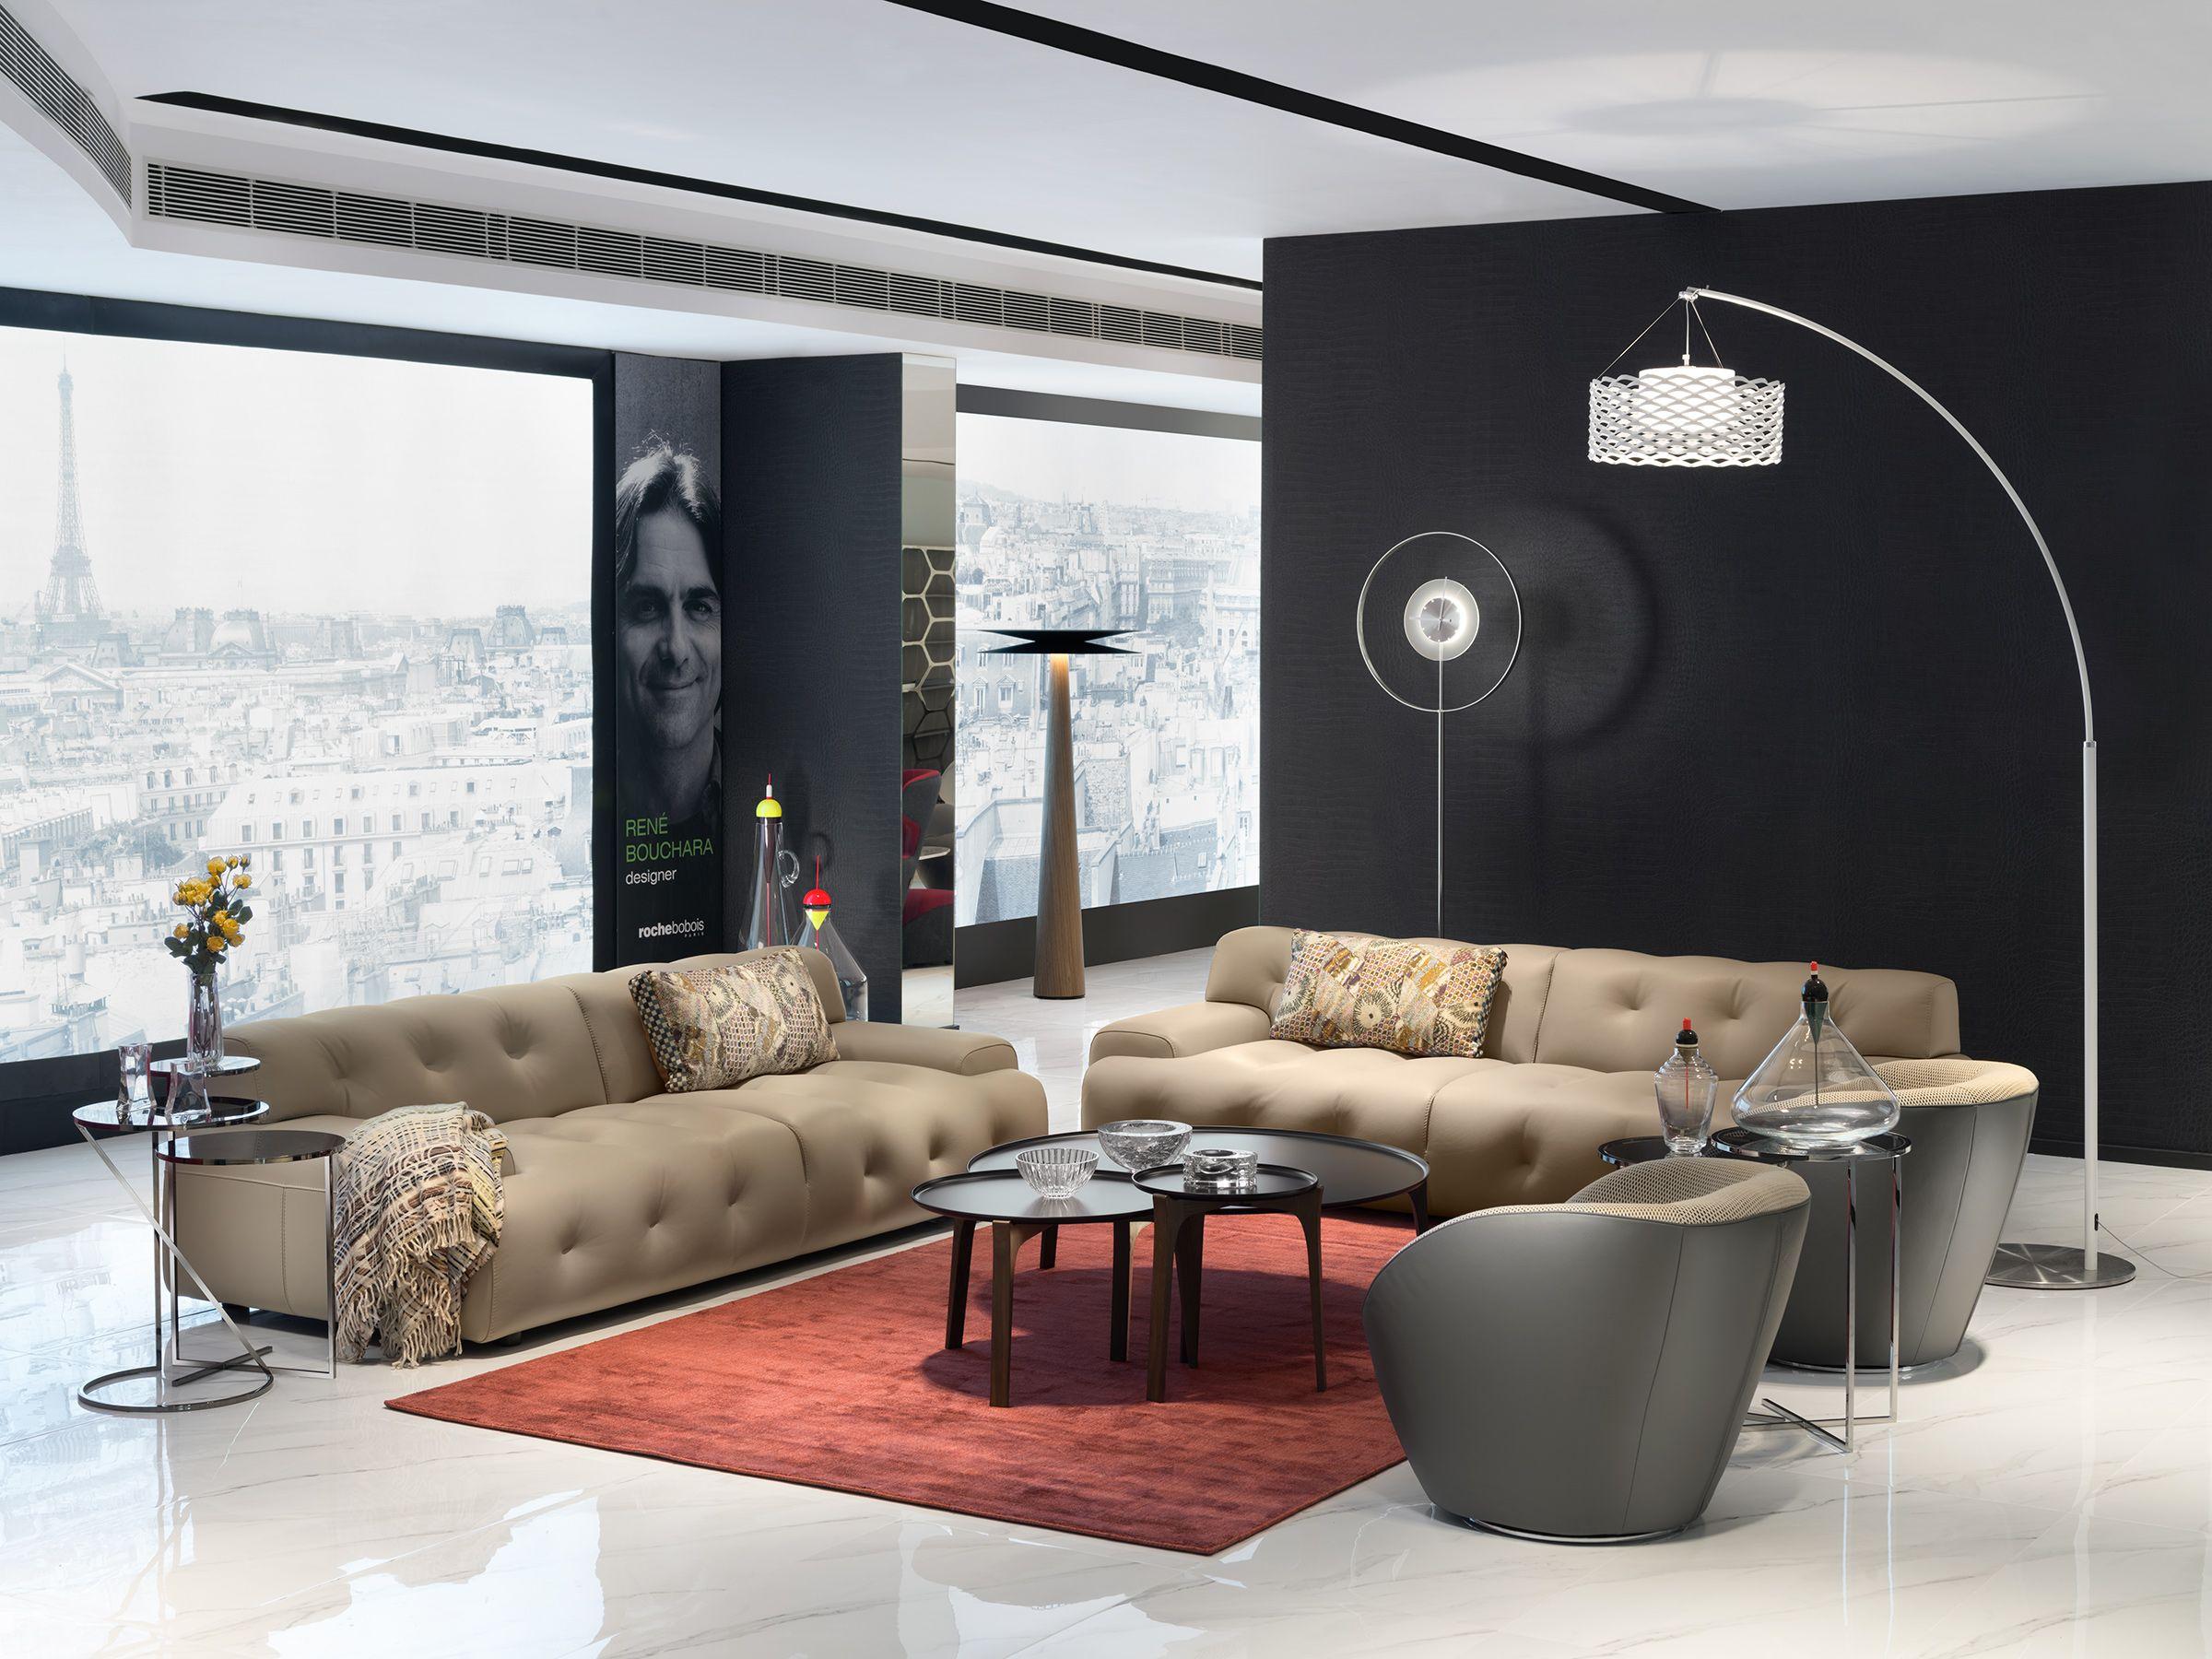 roche bobois escapade sofa designed by zeno nugari and mucidule cocktail table designed by. Black Bedroom Furniture Sets. Home Design Ideas